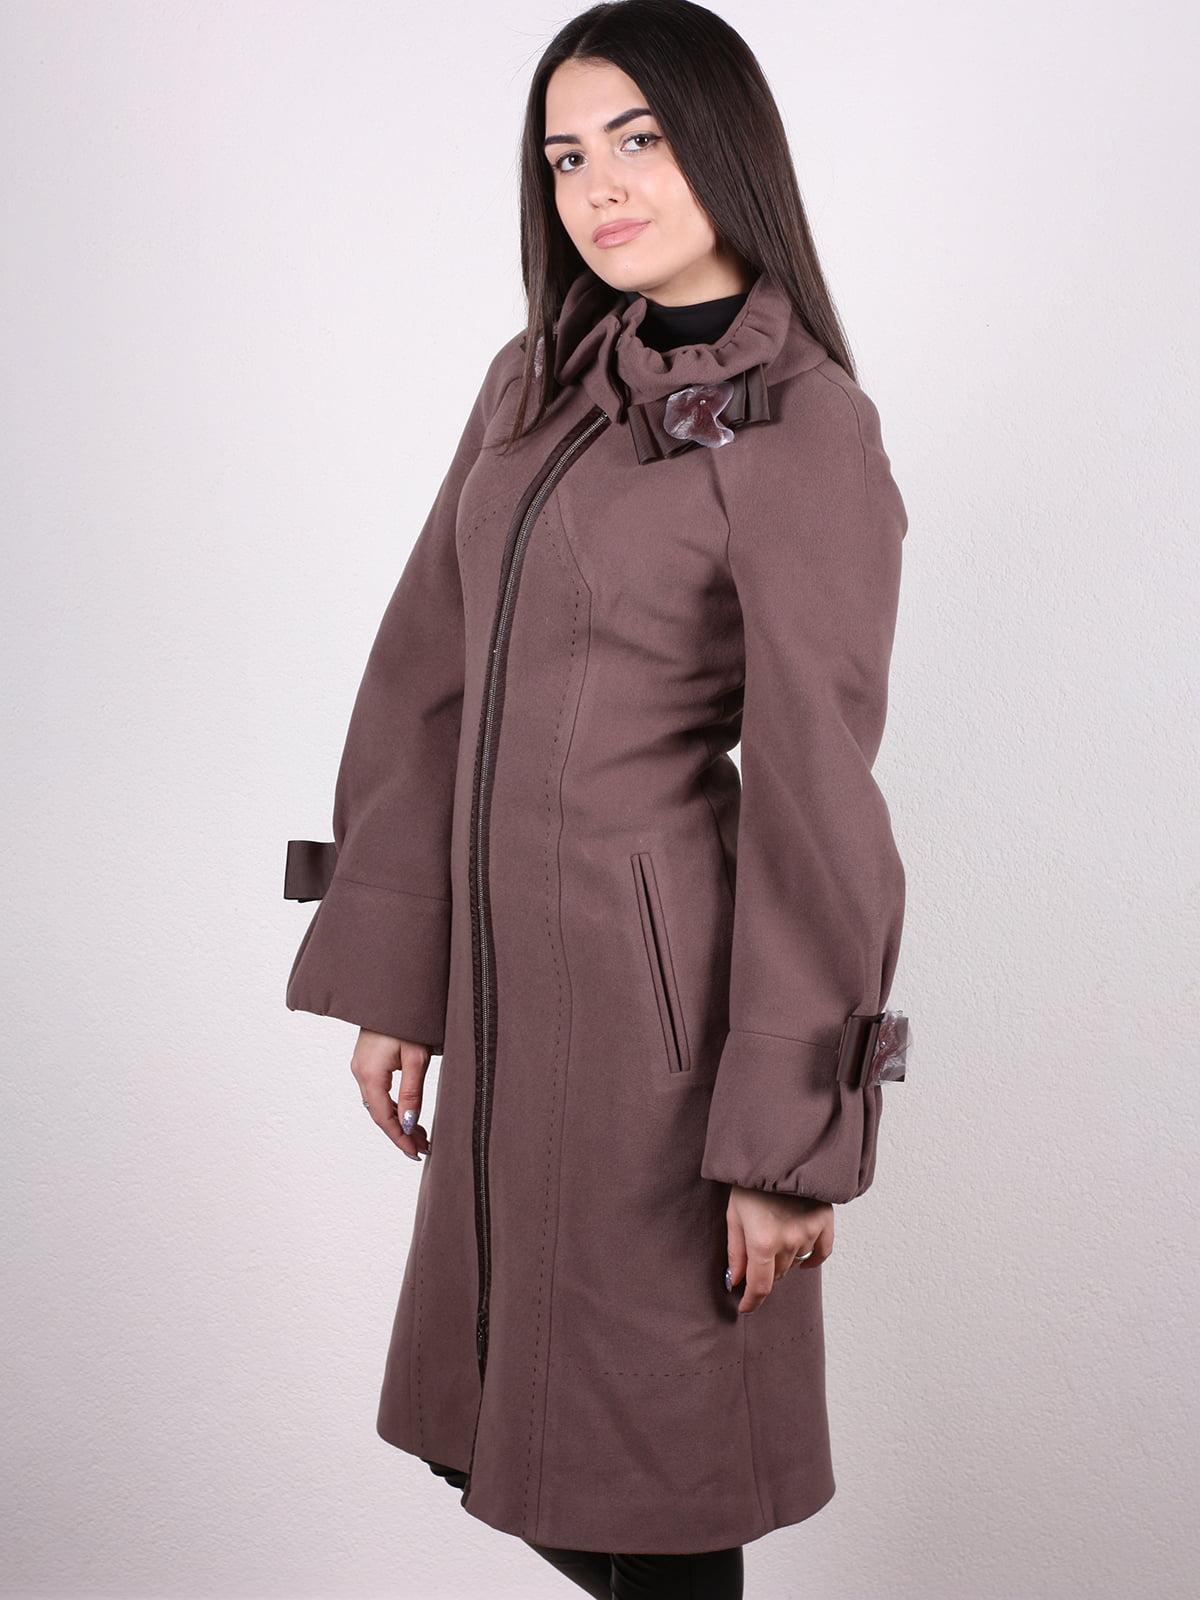 Пальто кофейно-сиреневого цвета | 4922431 | фото 2